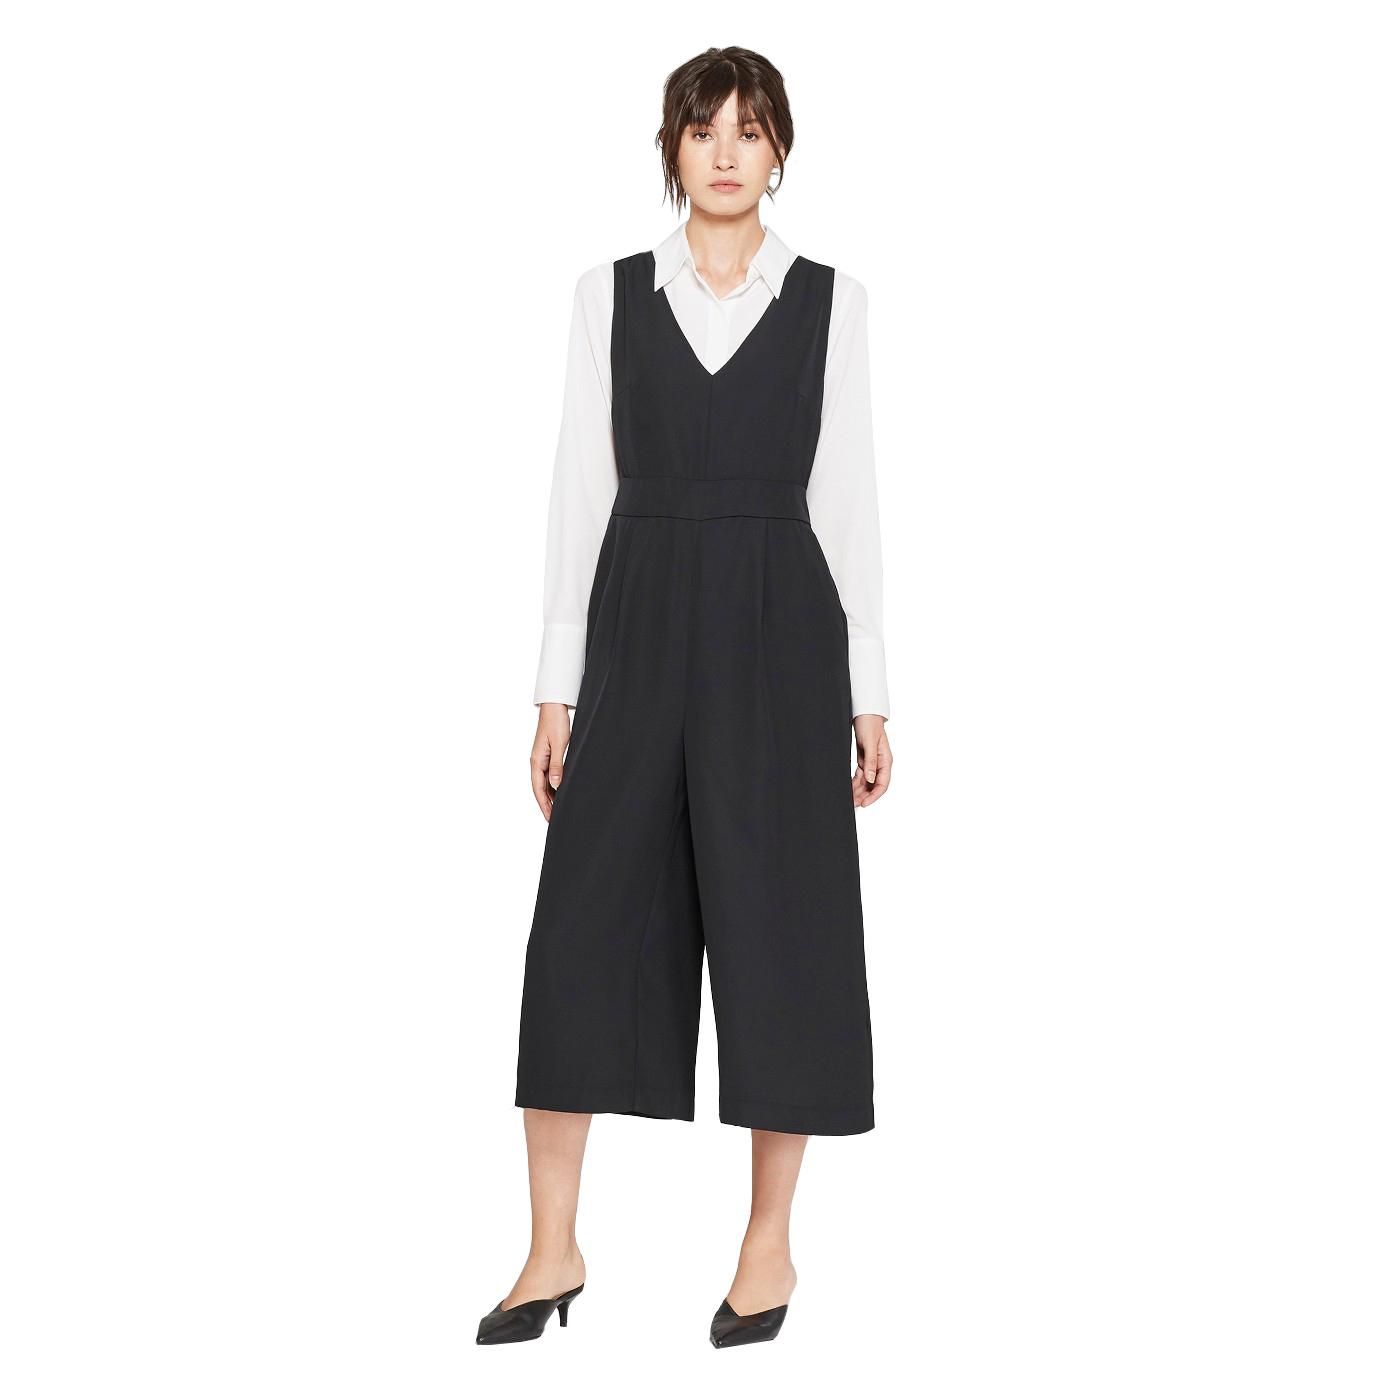 Women's Sleeveless V-Neck Wide Leg Crop Jumpsuit, Target, $29.99 -